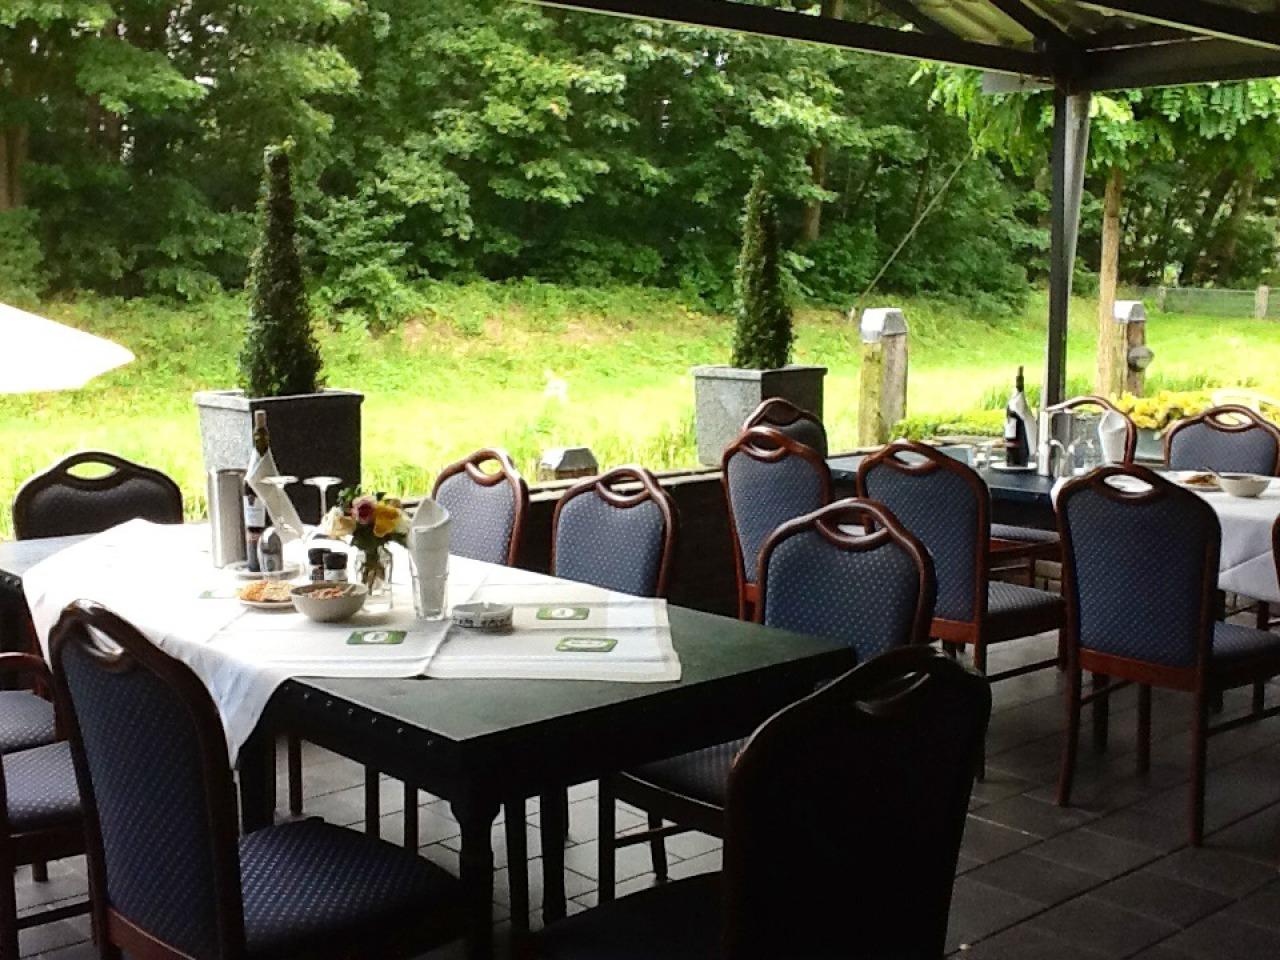 Buffetrestaurant Captain Jack - Visit Twente - offizielle Tourist ...